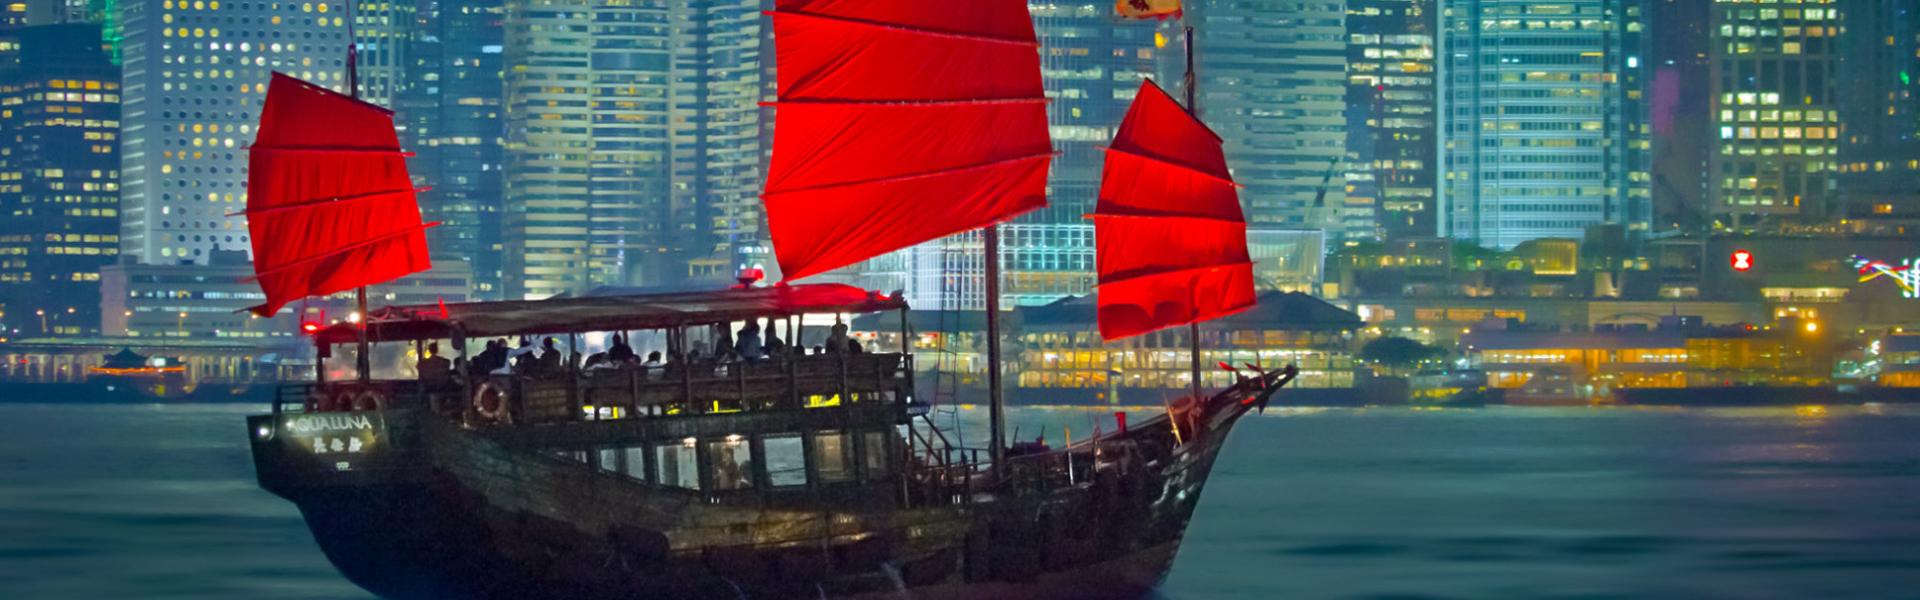 China Tours from Hong Kong 2017/2018